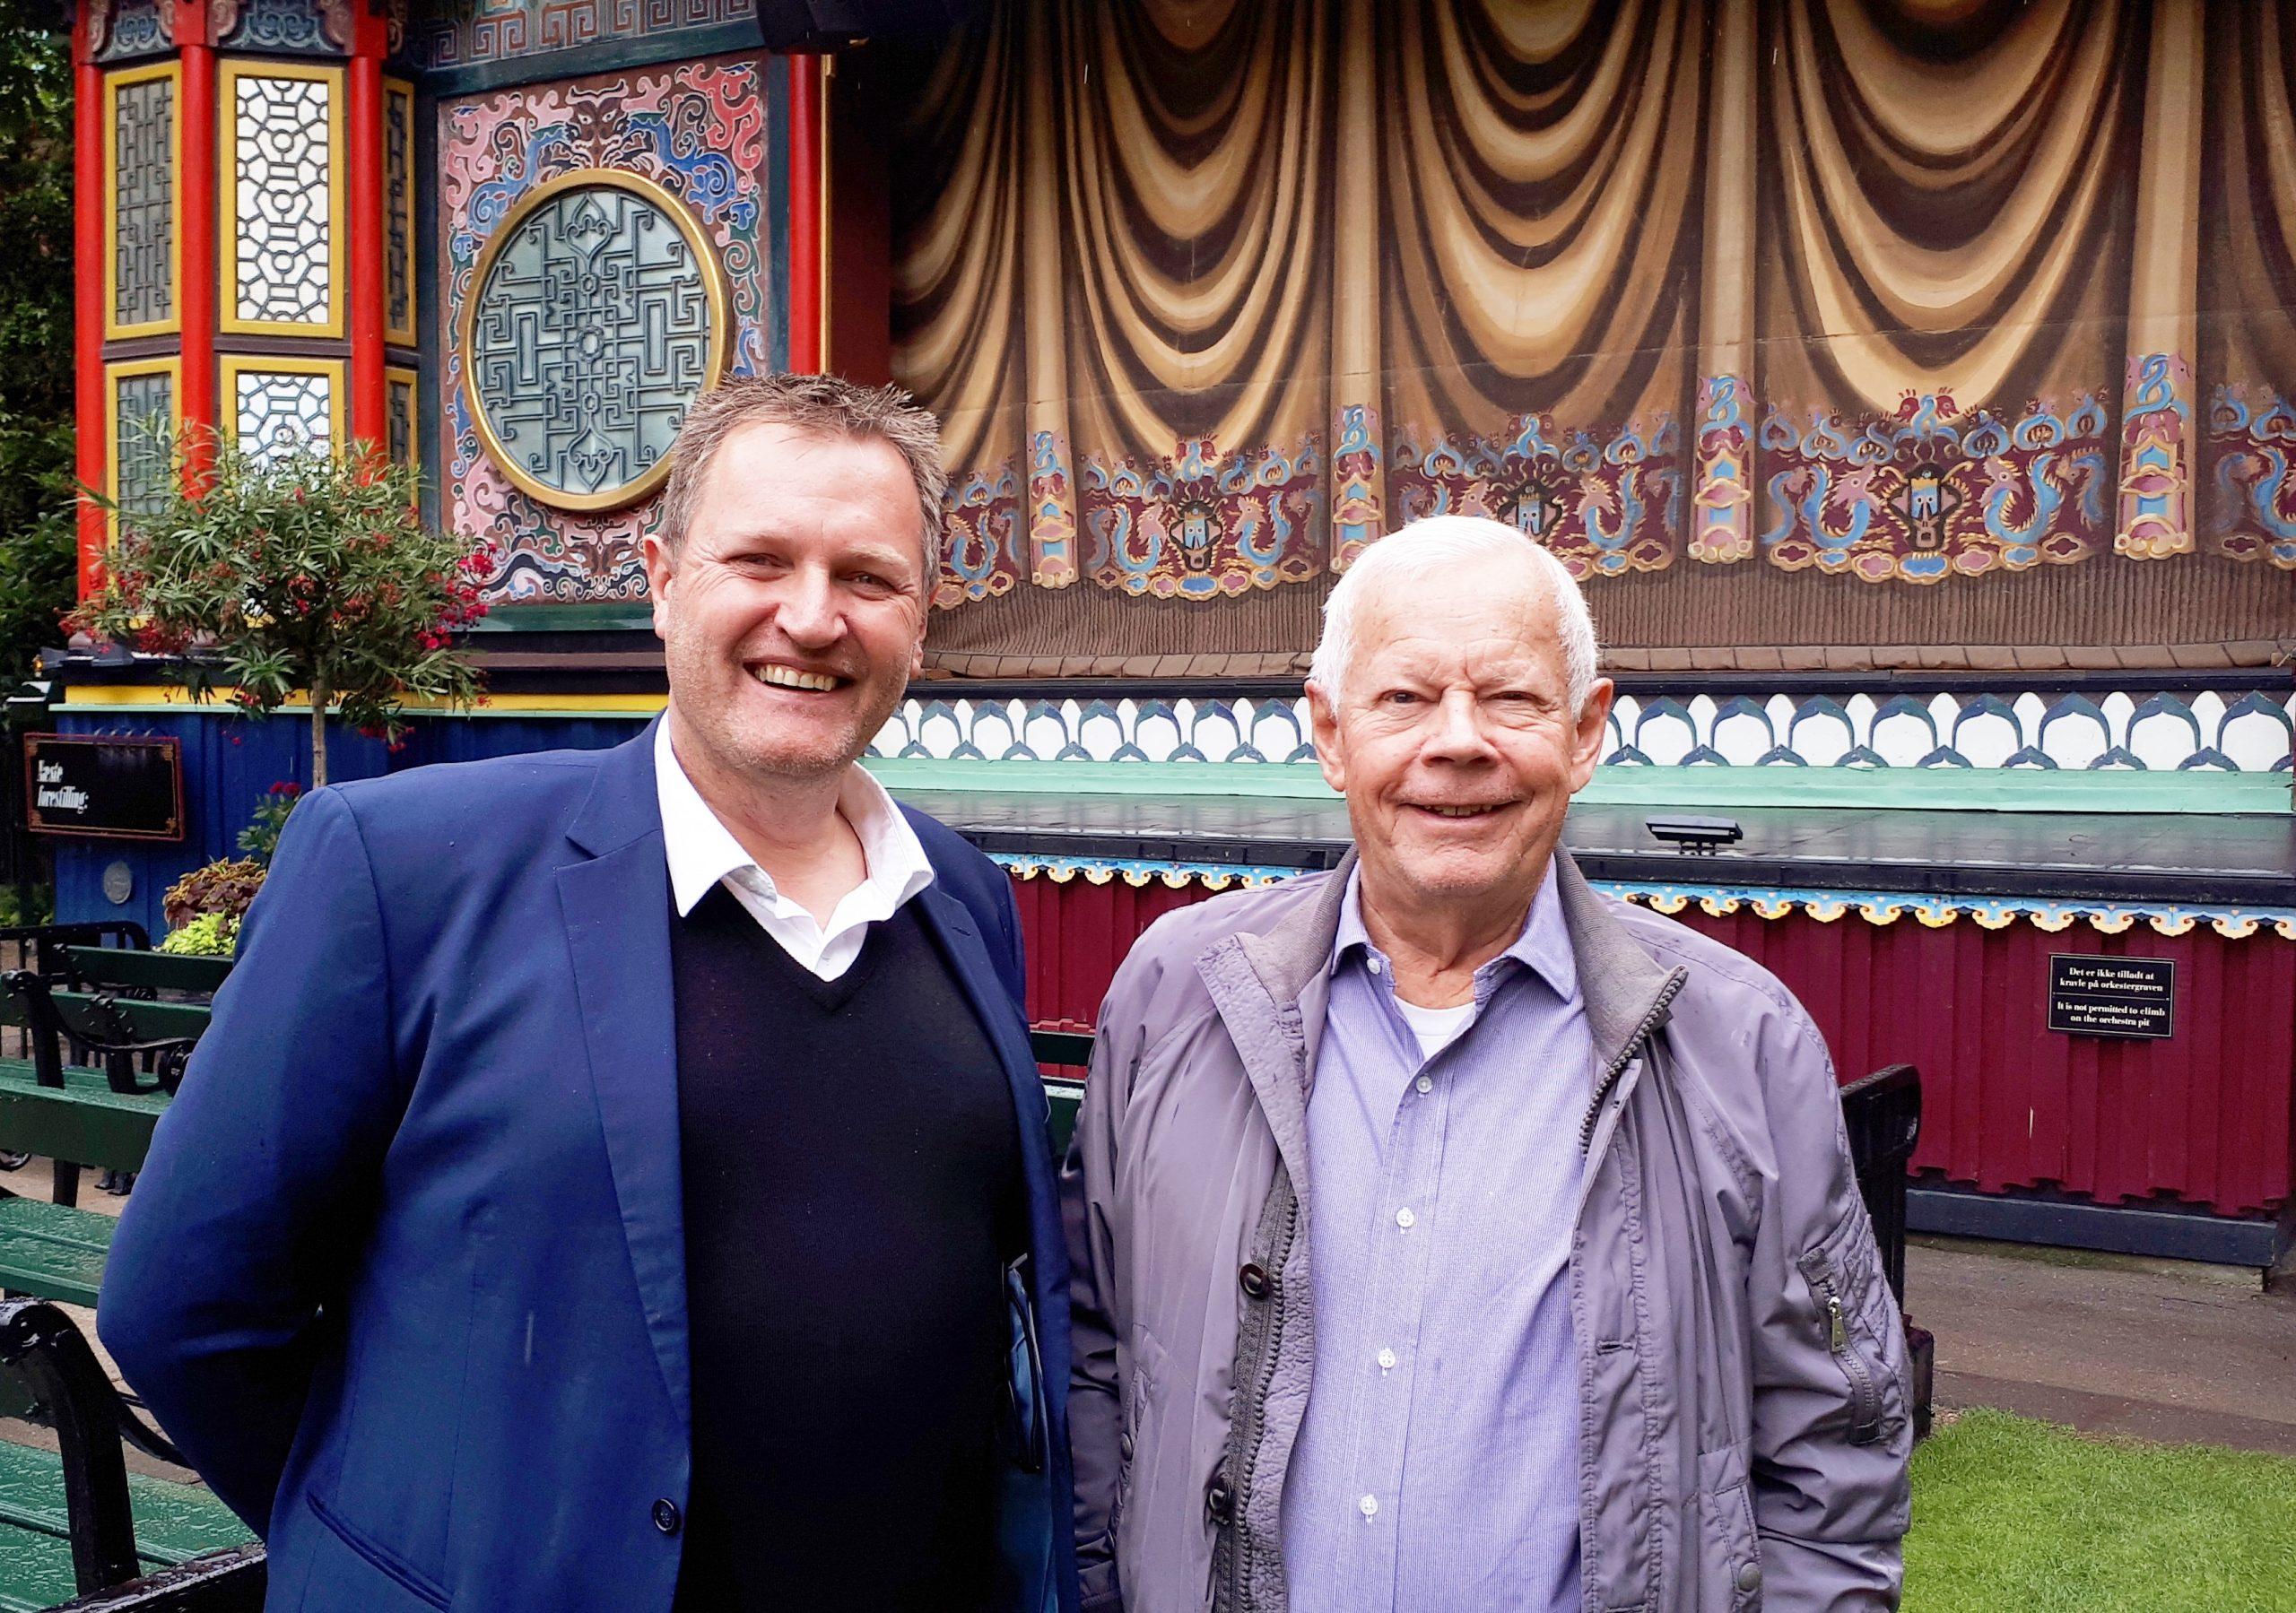 Den tiltrædende og afgående administrerende direktør i incomingbureauet DMC, Thomas Høy, til venstre, og Jens Elers, i Tivoli. Foto: Henrik Baumgarten.